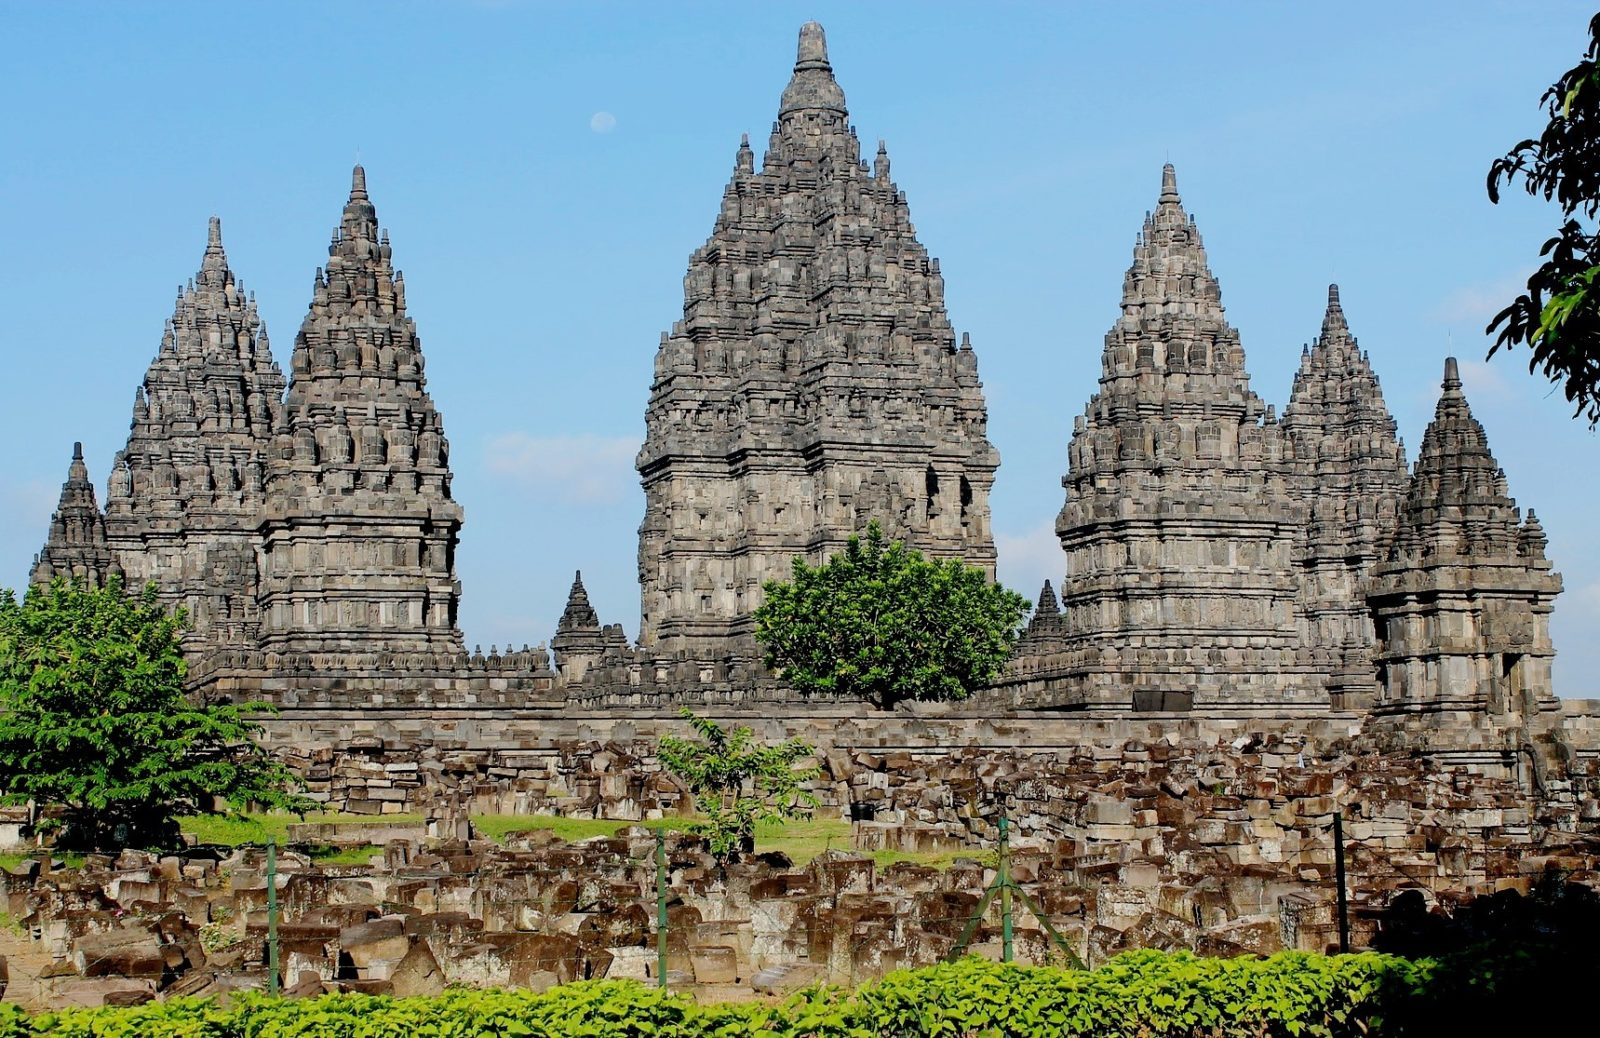 Индуистский храм Прамбанан, Индонезия